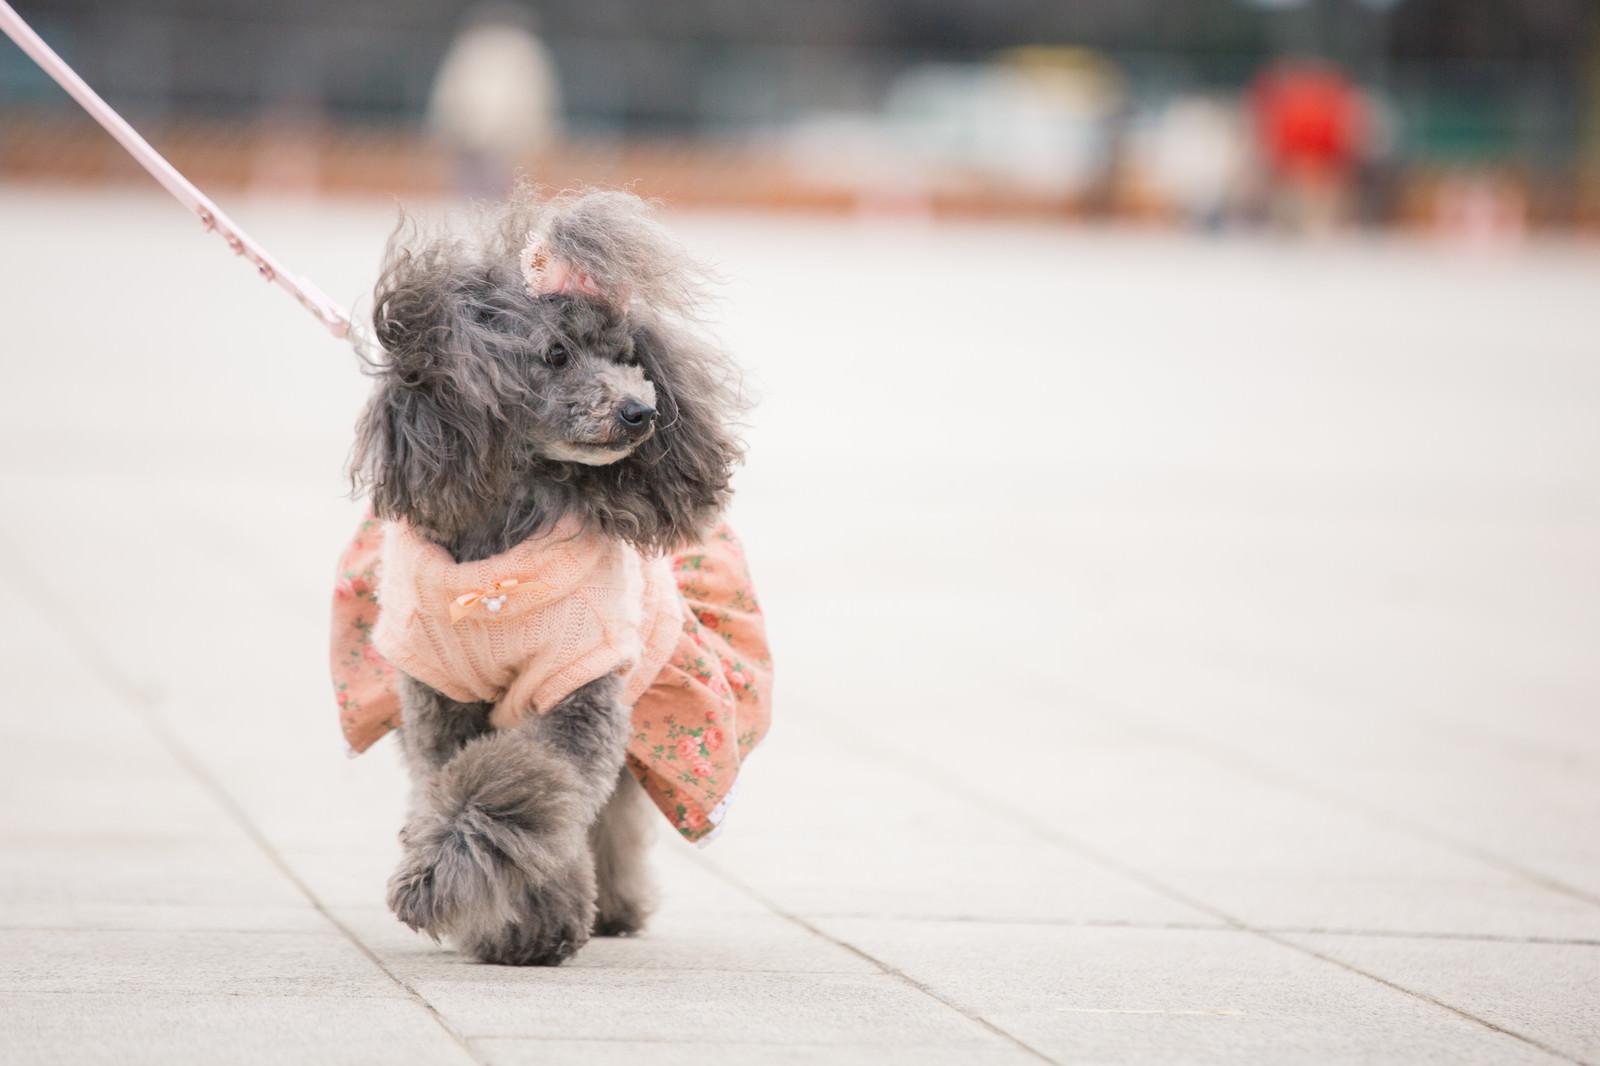 「お散歩中のプードル | 写真の無料素材・フリー素材 - ぱくたそ」の写真